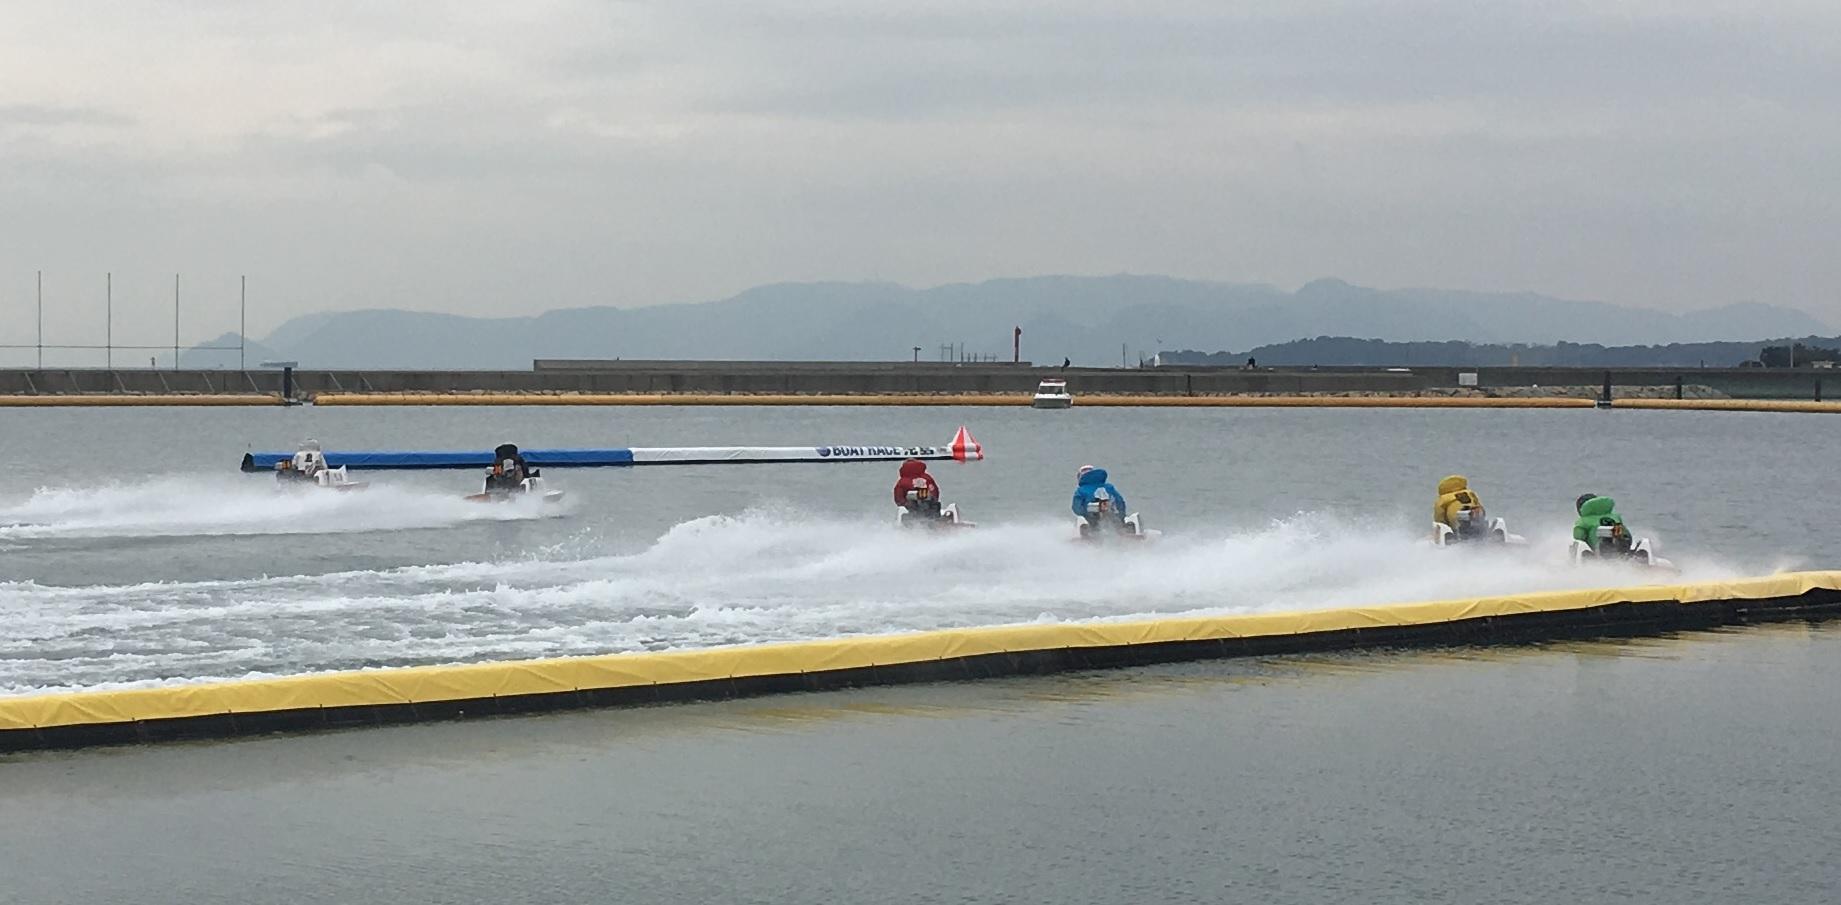 ボート レース 桐生 リプレイ